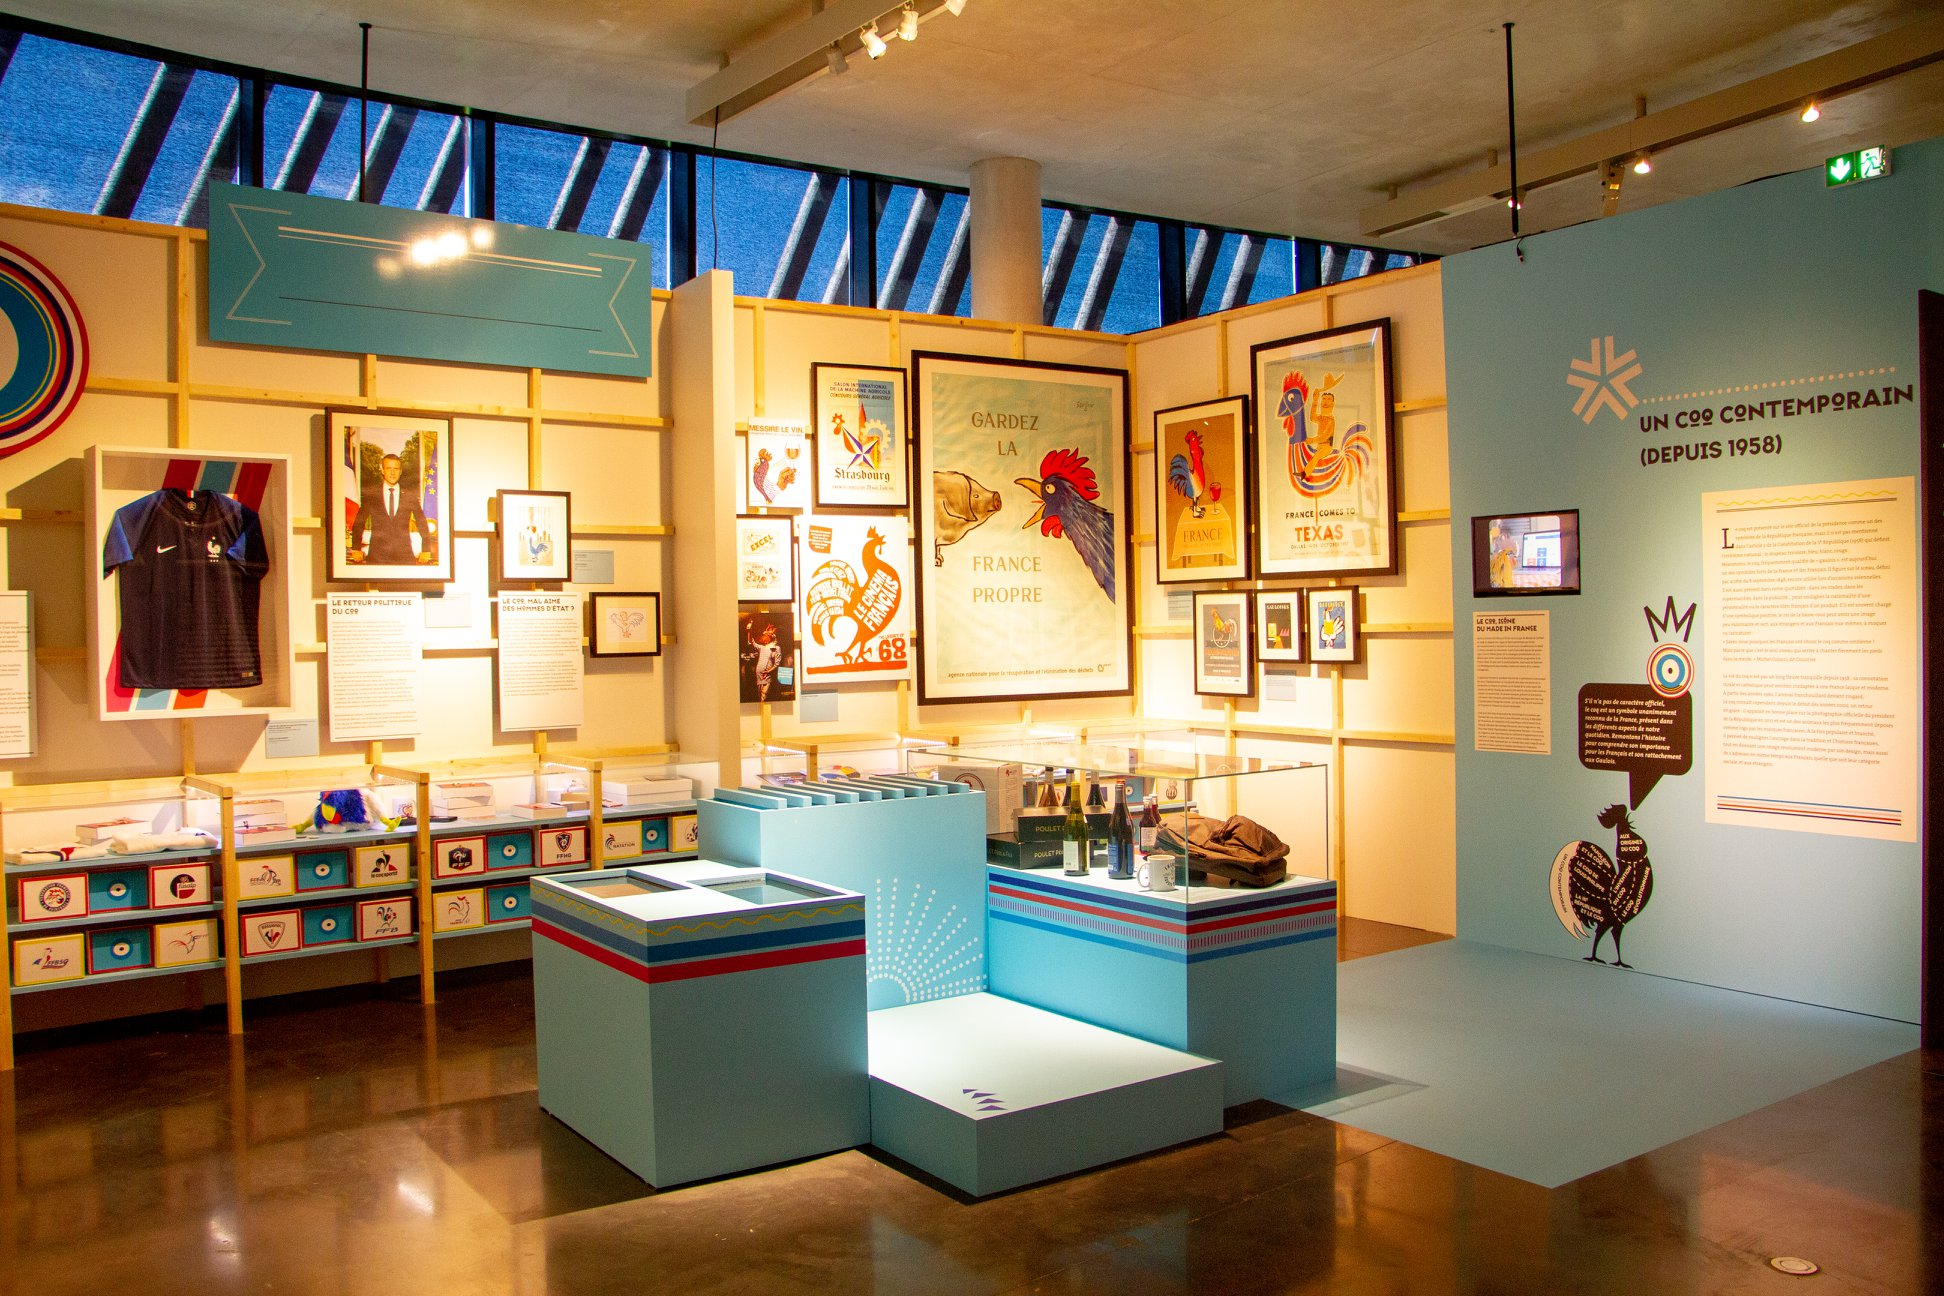 Museo Alesia Le Coq en Pap'